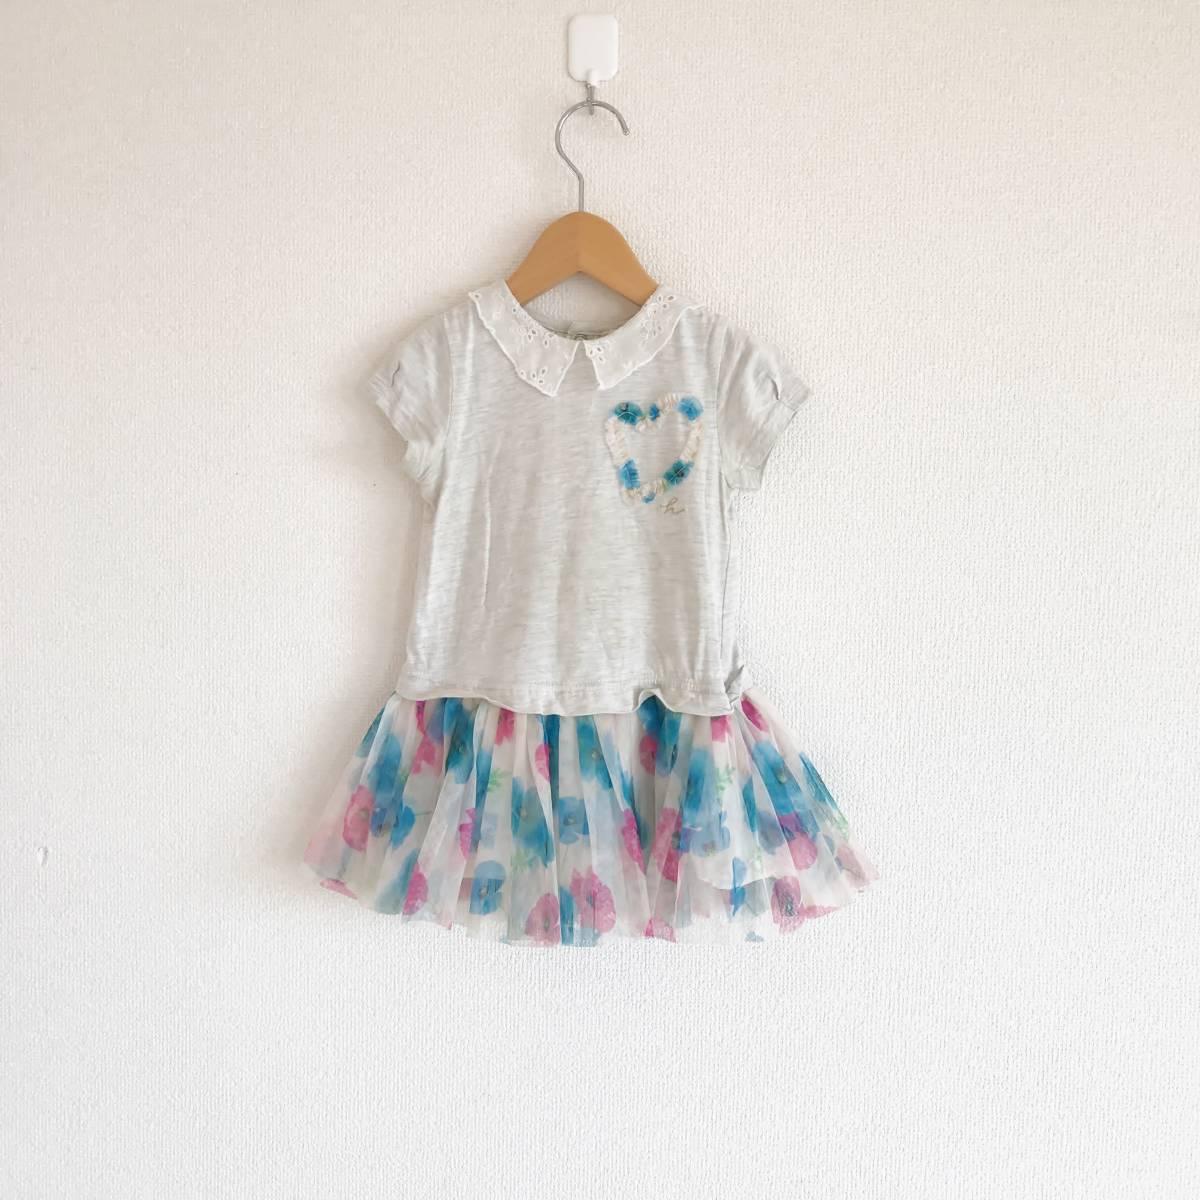 cb806b8d20b57 31 3-24 hakka baby ハッカベビー 90 ワンピース チュールスカート 半袖Tシャツ